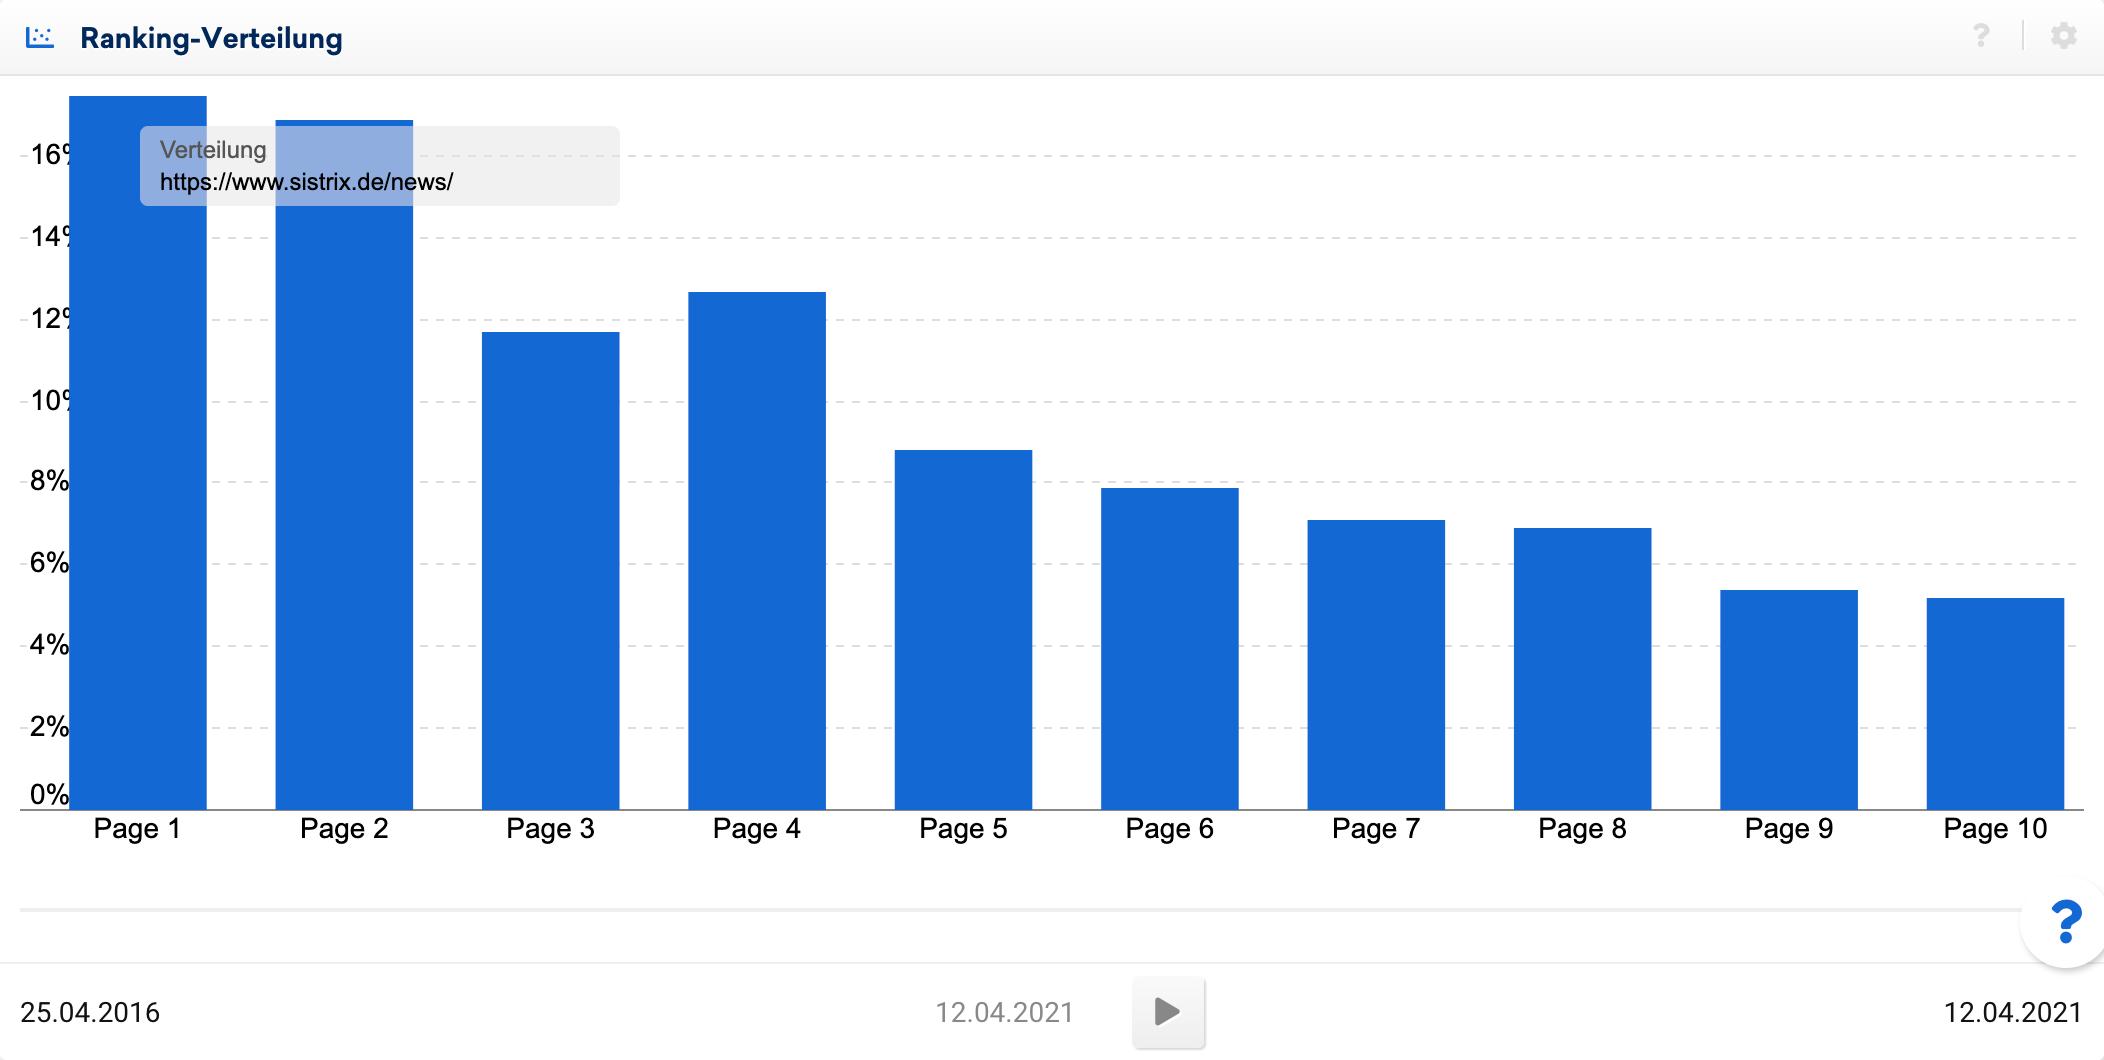 Ranking-Verteilung für sistrix.de/news